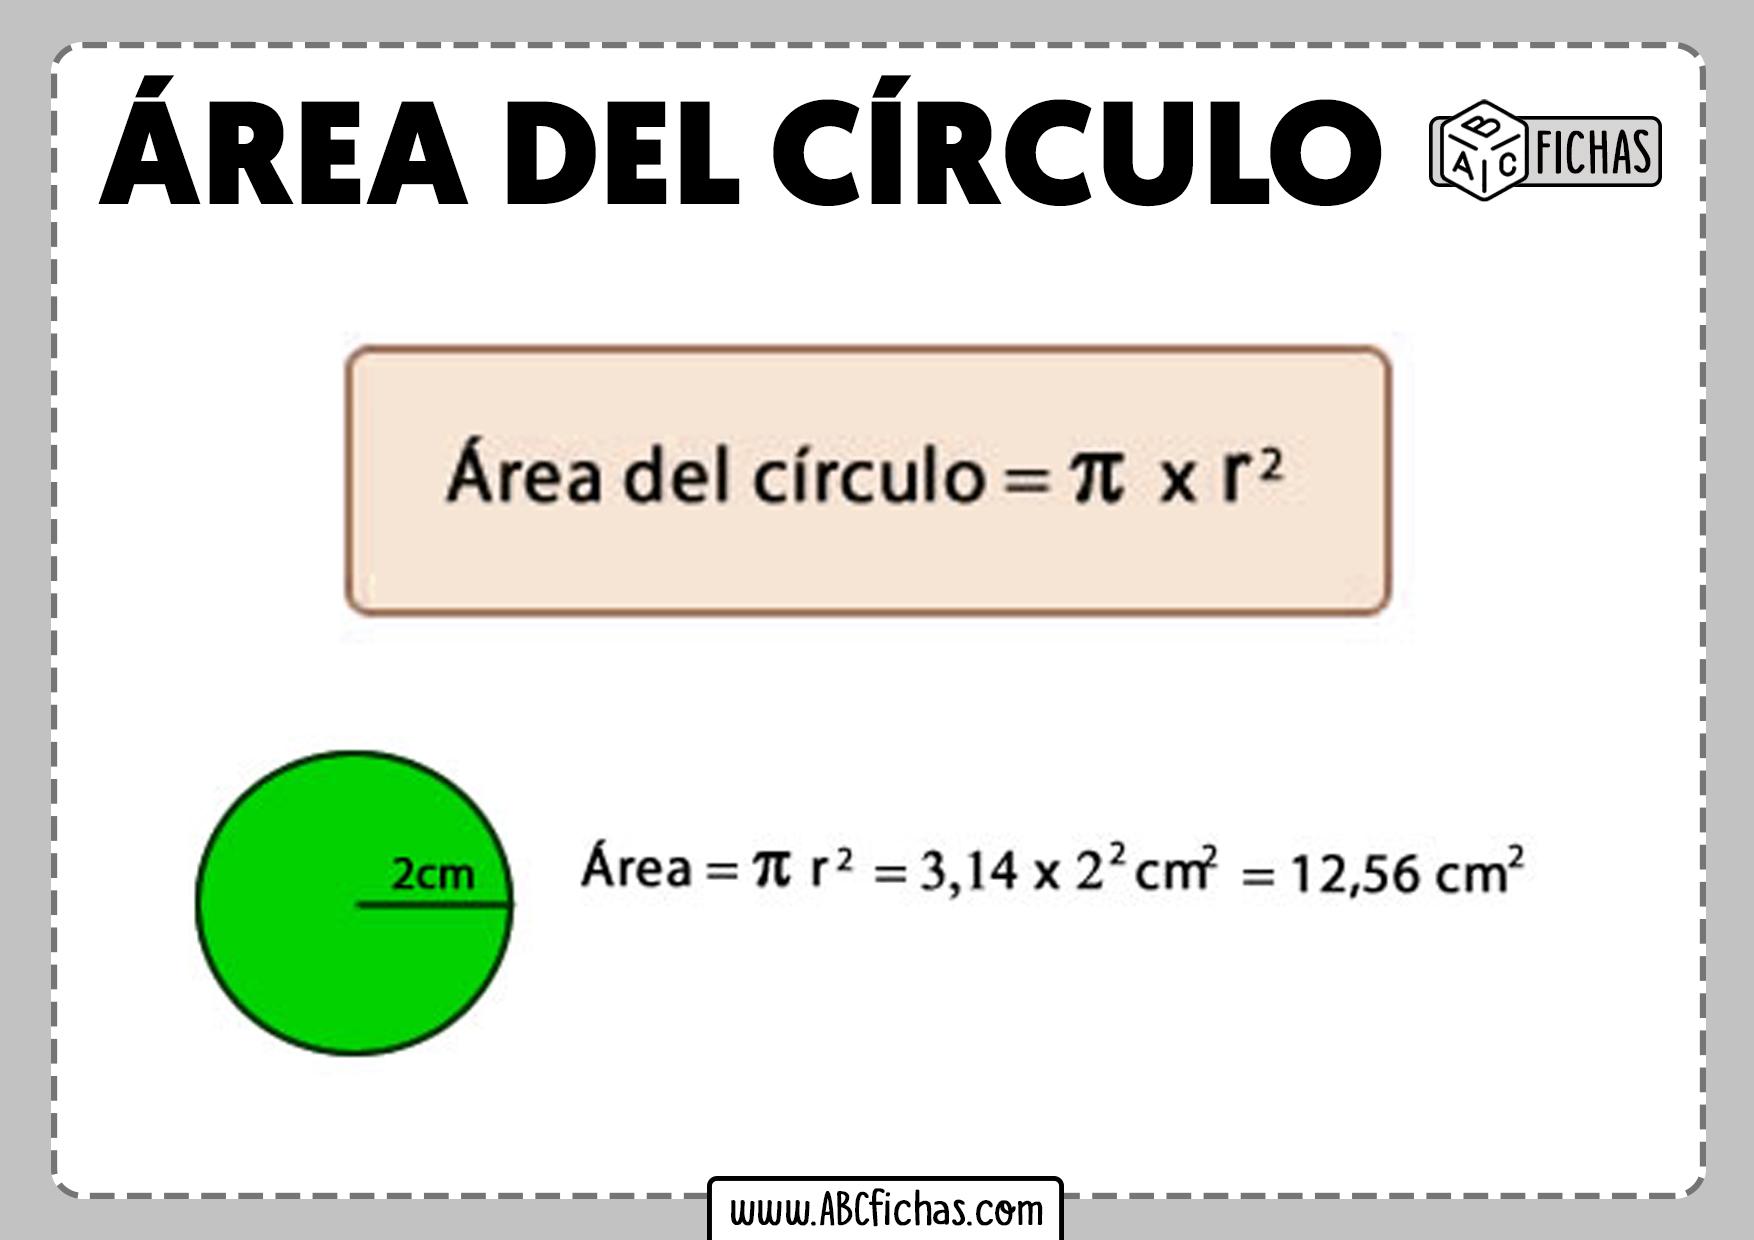 Area del circulo formula